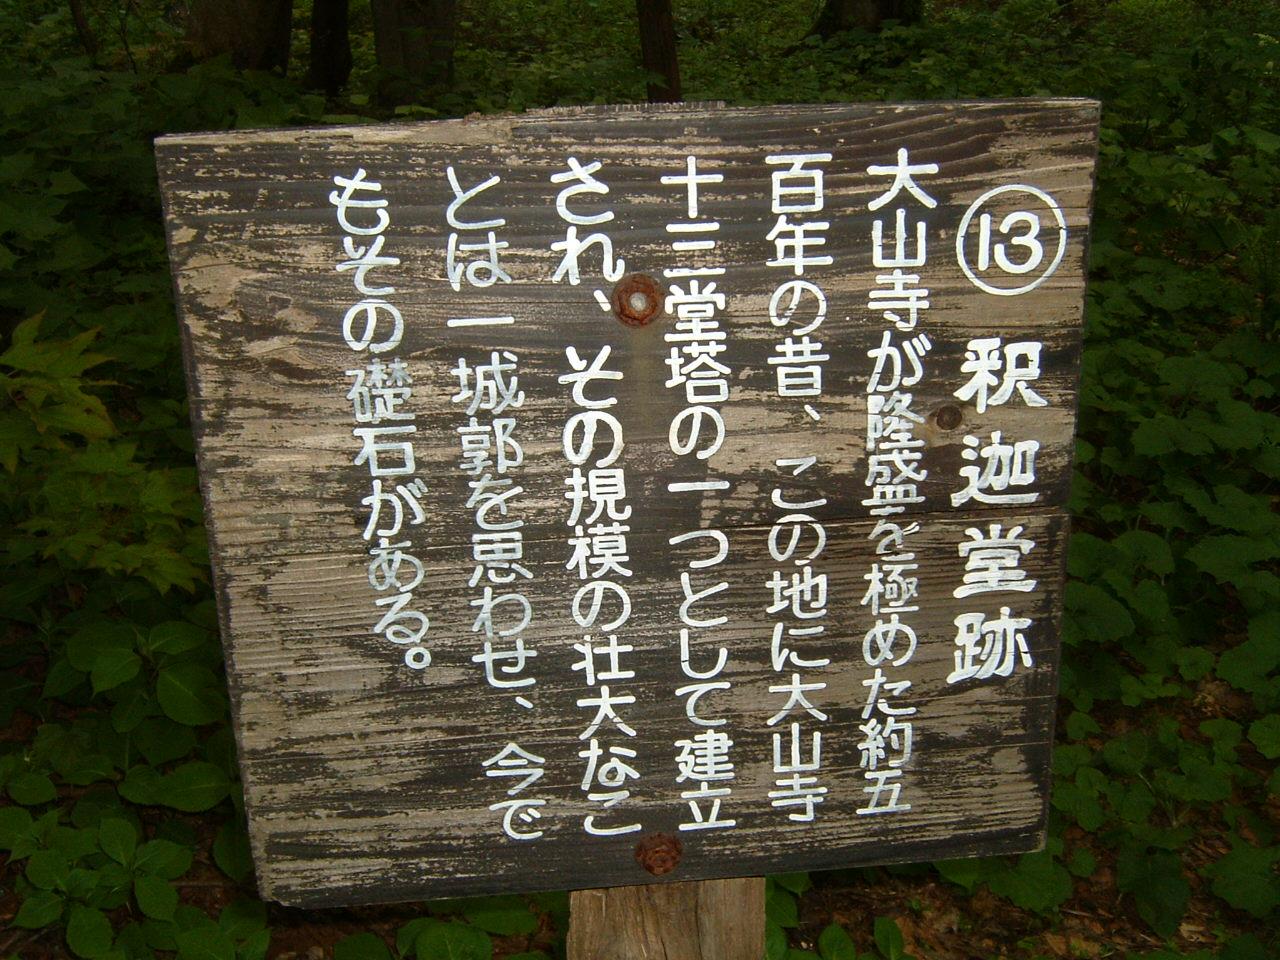 鳥取県大山寺周辺の植物   by (岡田)_c0239329_1465751.jpg